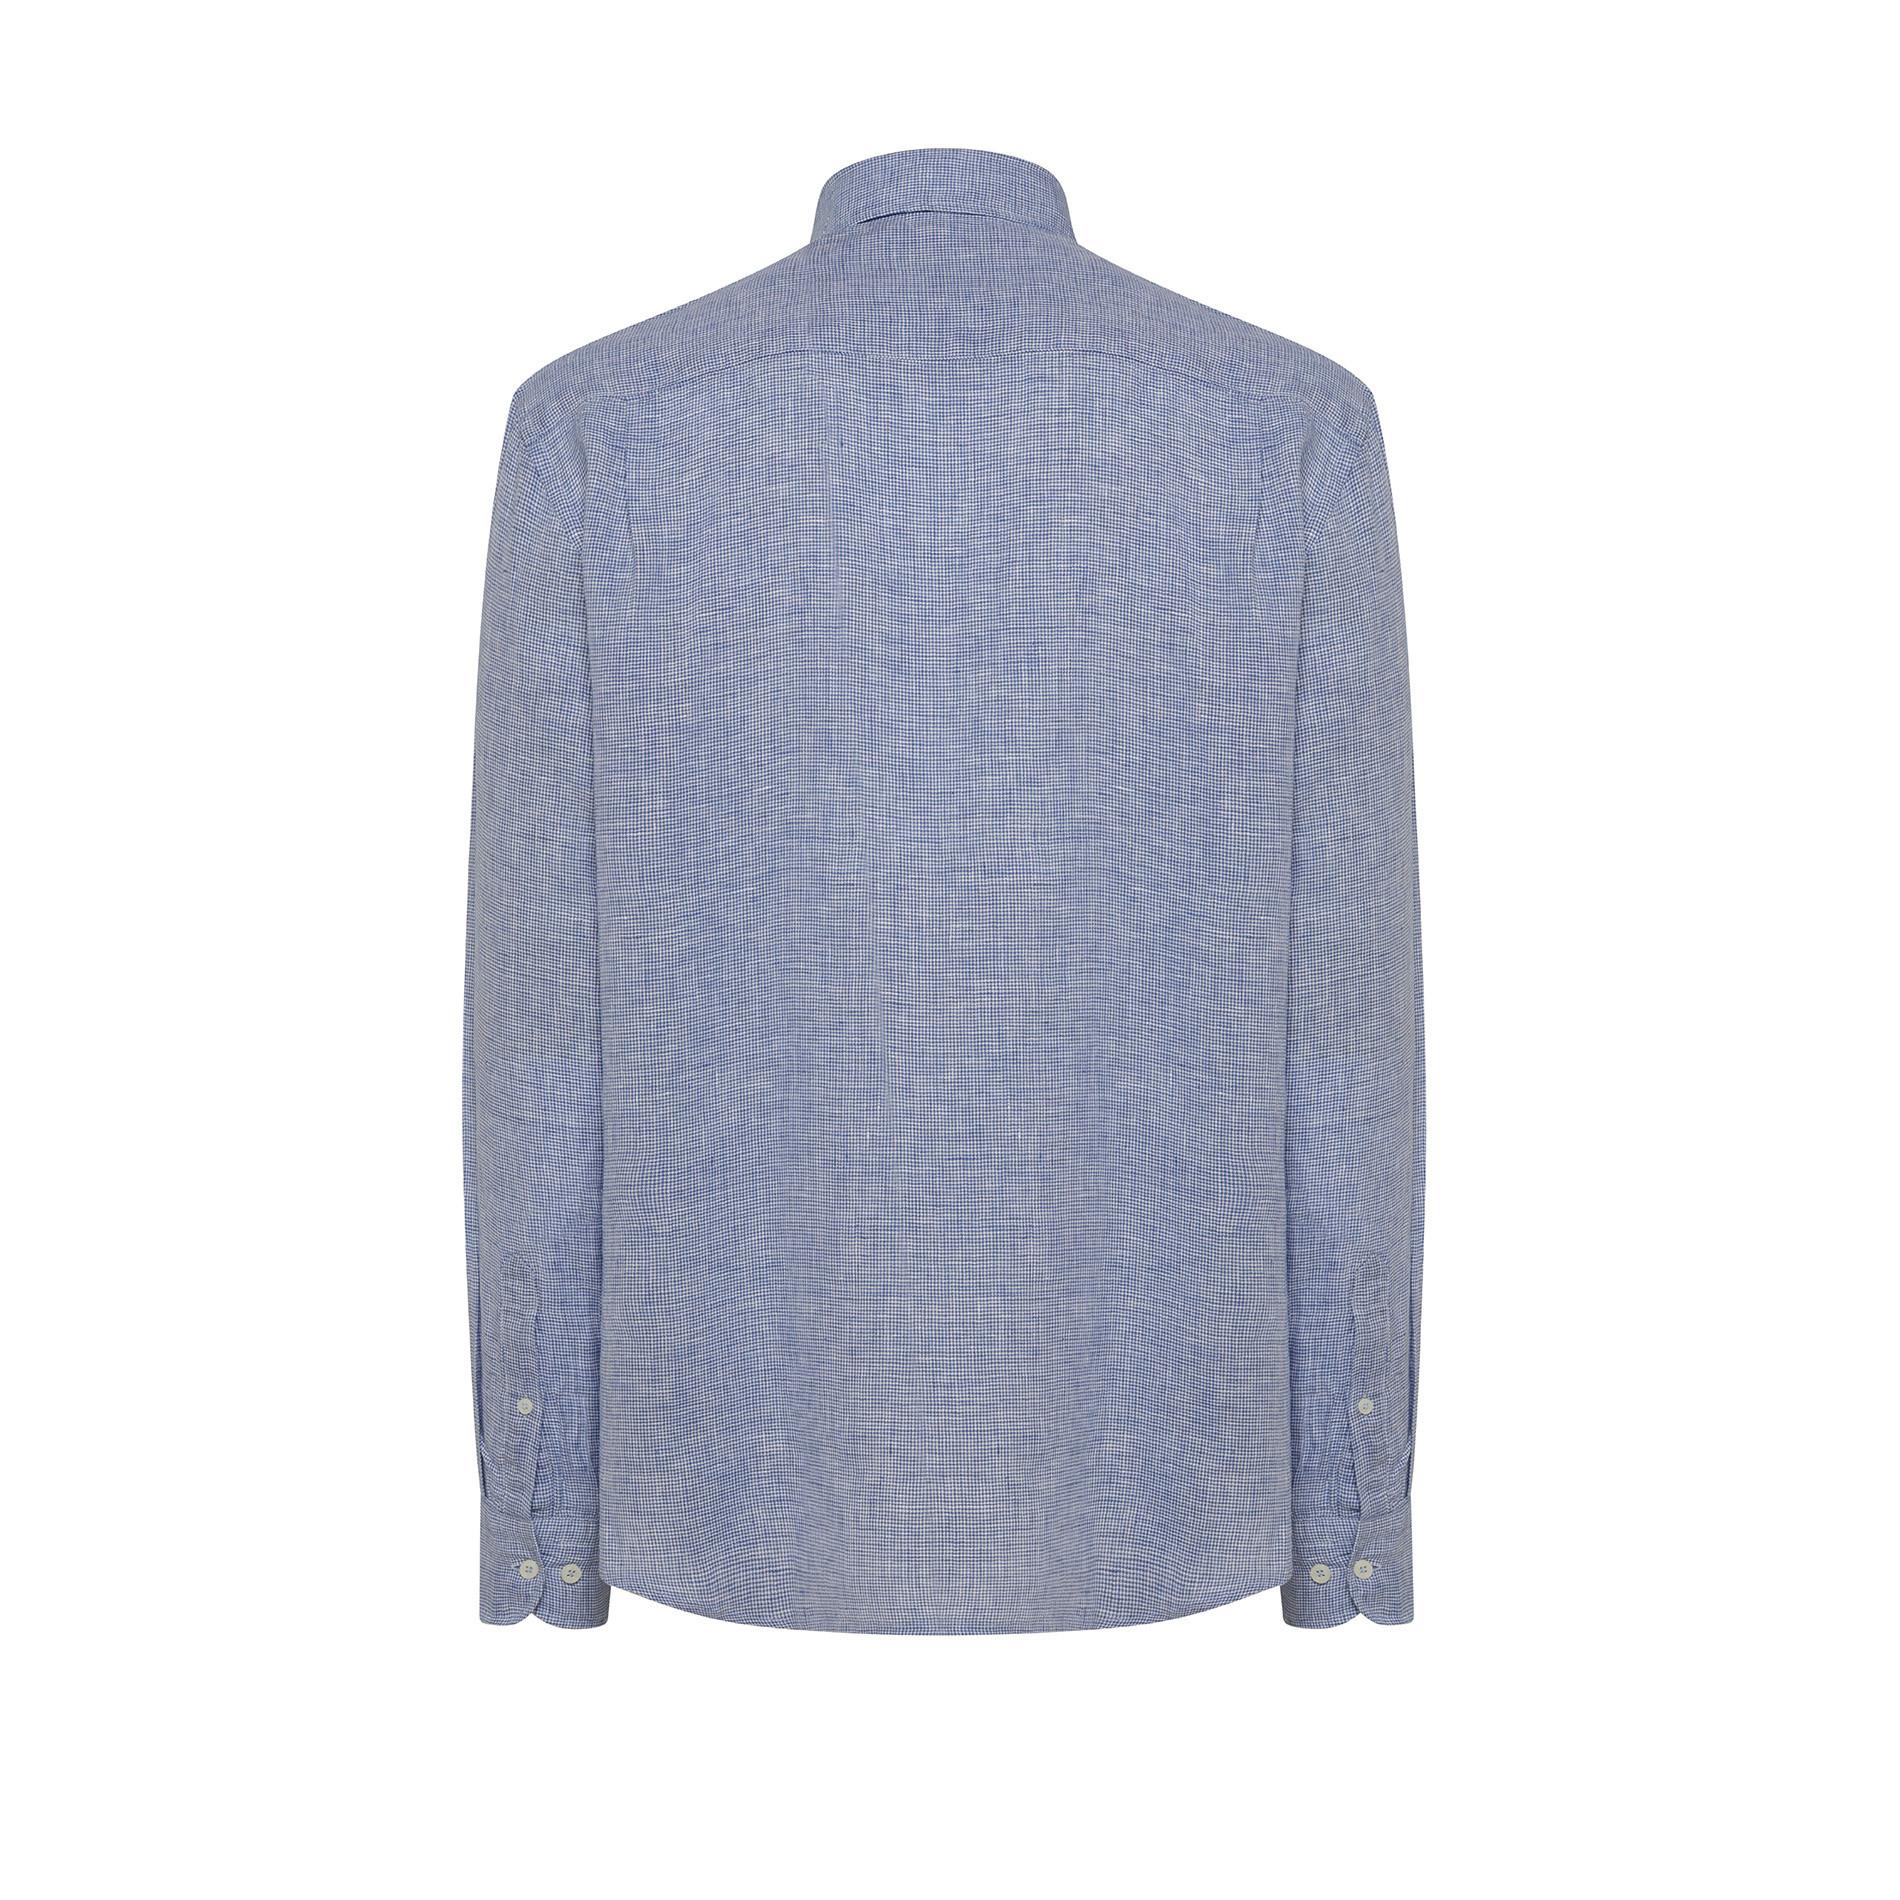 Camicia puro lino regular fit Luca D'Altieri, Azzurro, large image number 1